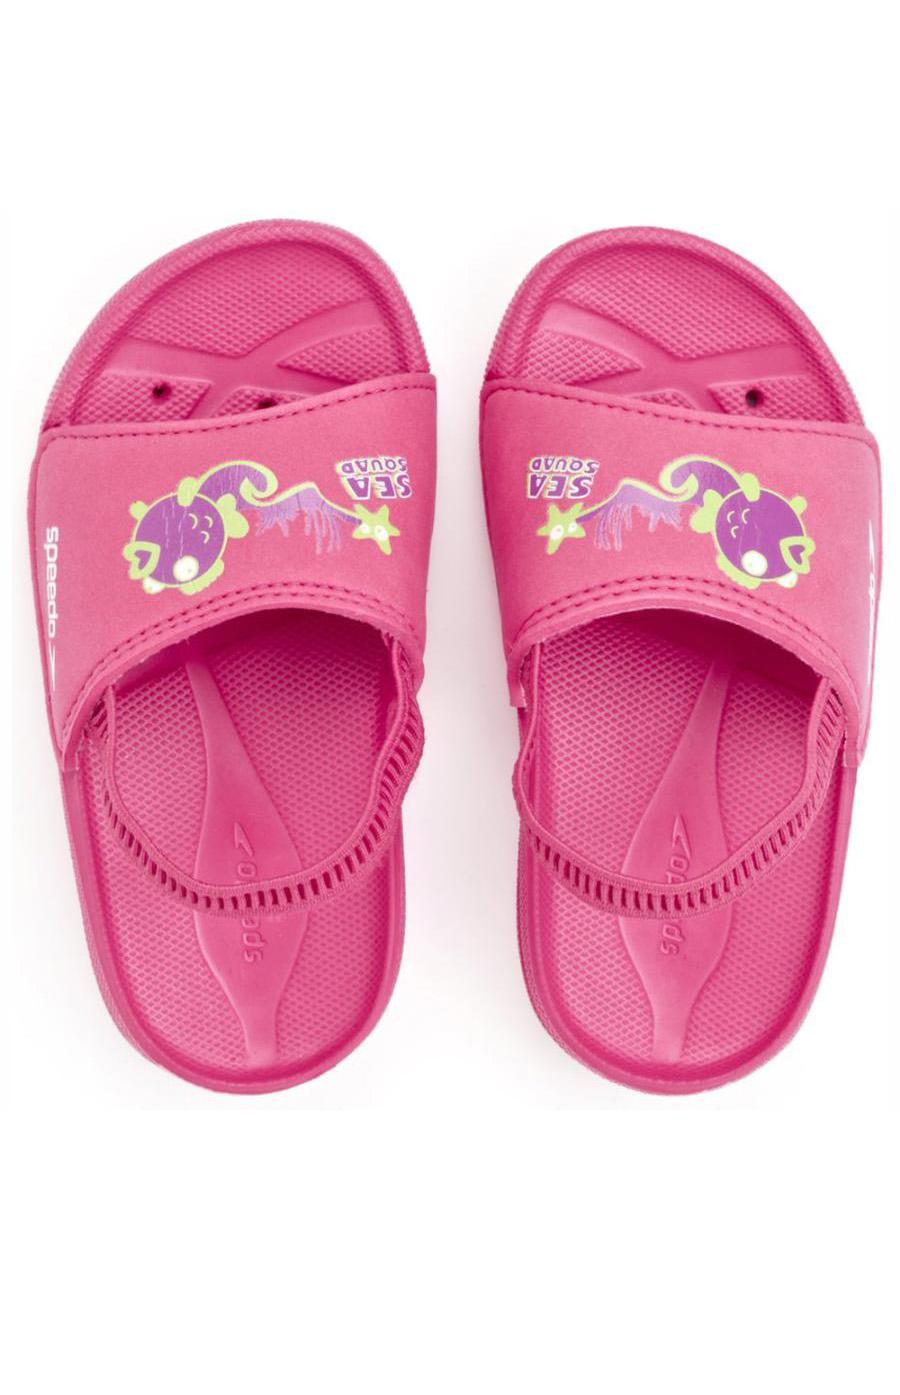 15af8a31d ... требуют надежной защиты стопы ребенка, обеспечить которую сможет только  специальная обувь. Отличным решением подобной проблемы станут детские  шлепанцы.